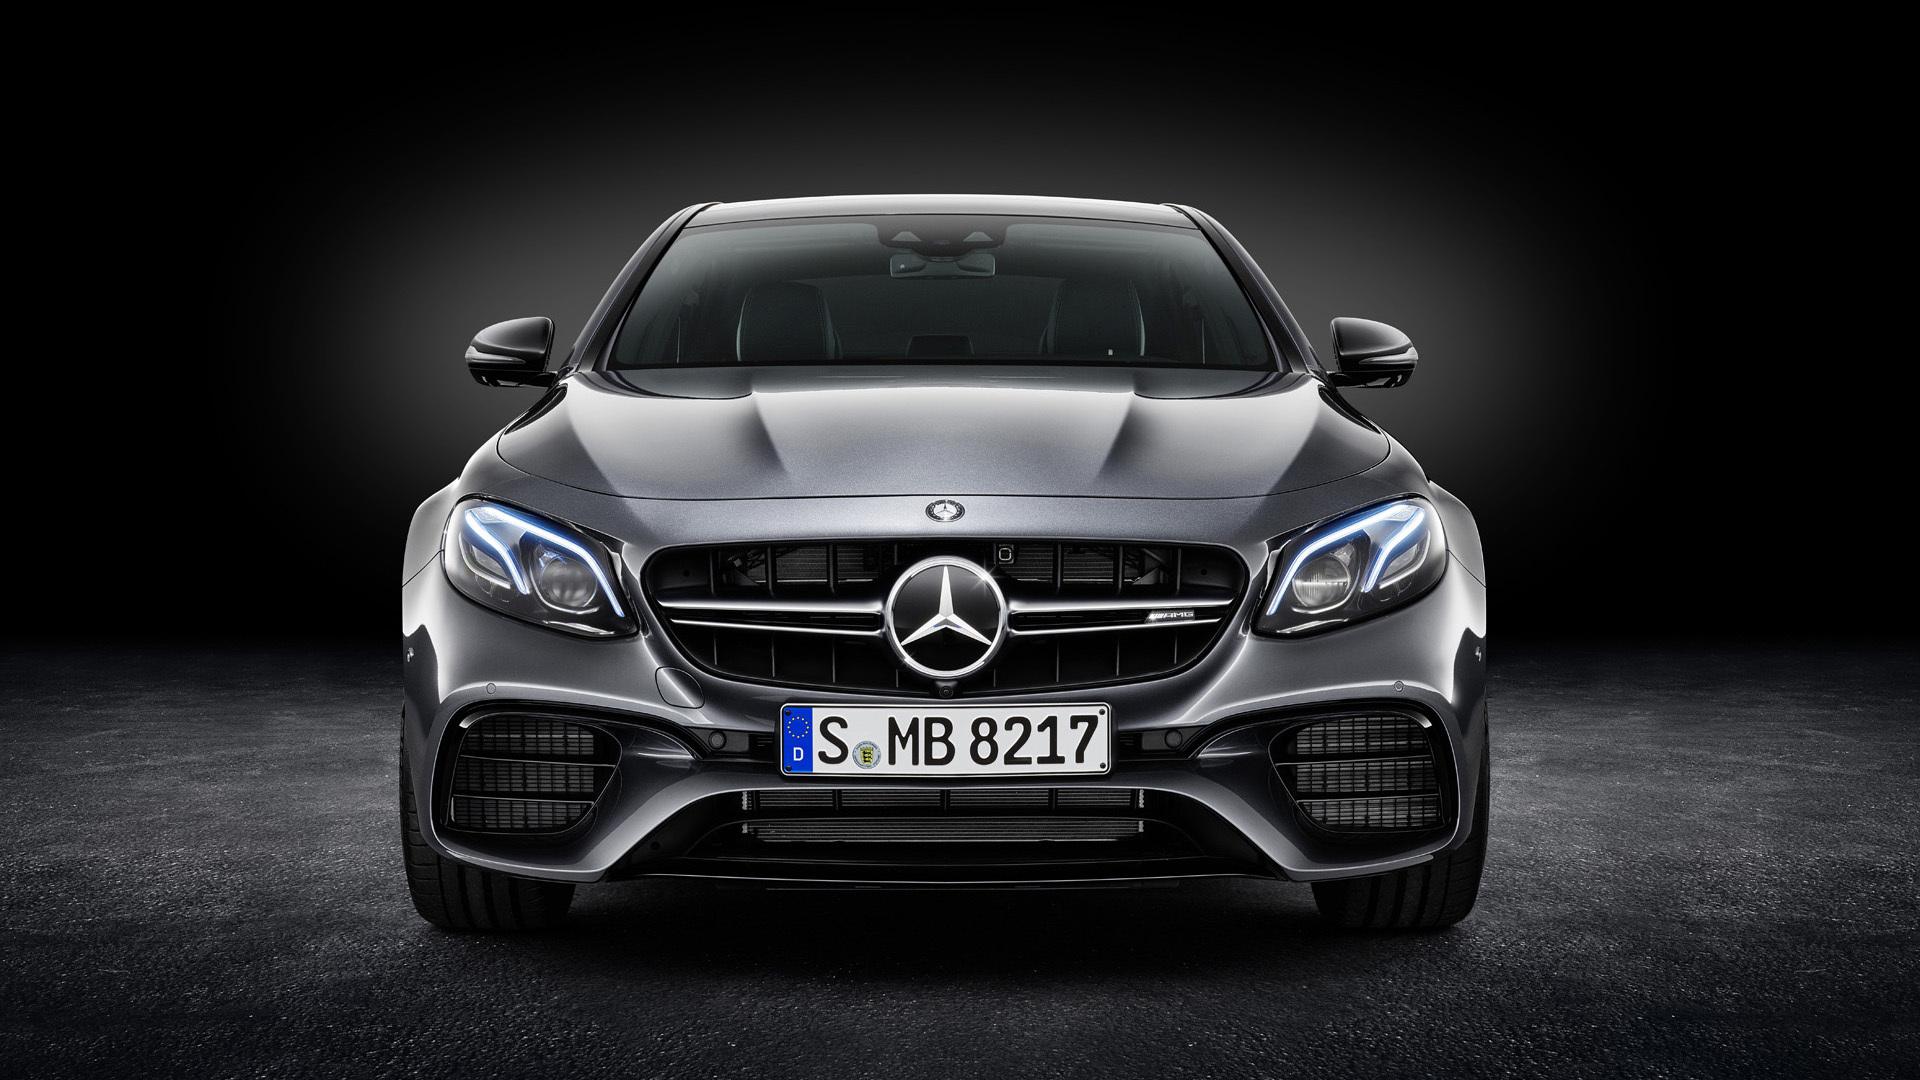 Dit Kost De Nieuwe Mercedes E63 Amg Hartvoorautos Nl